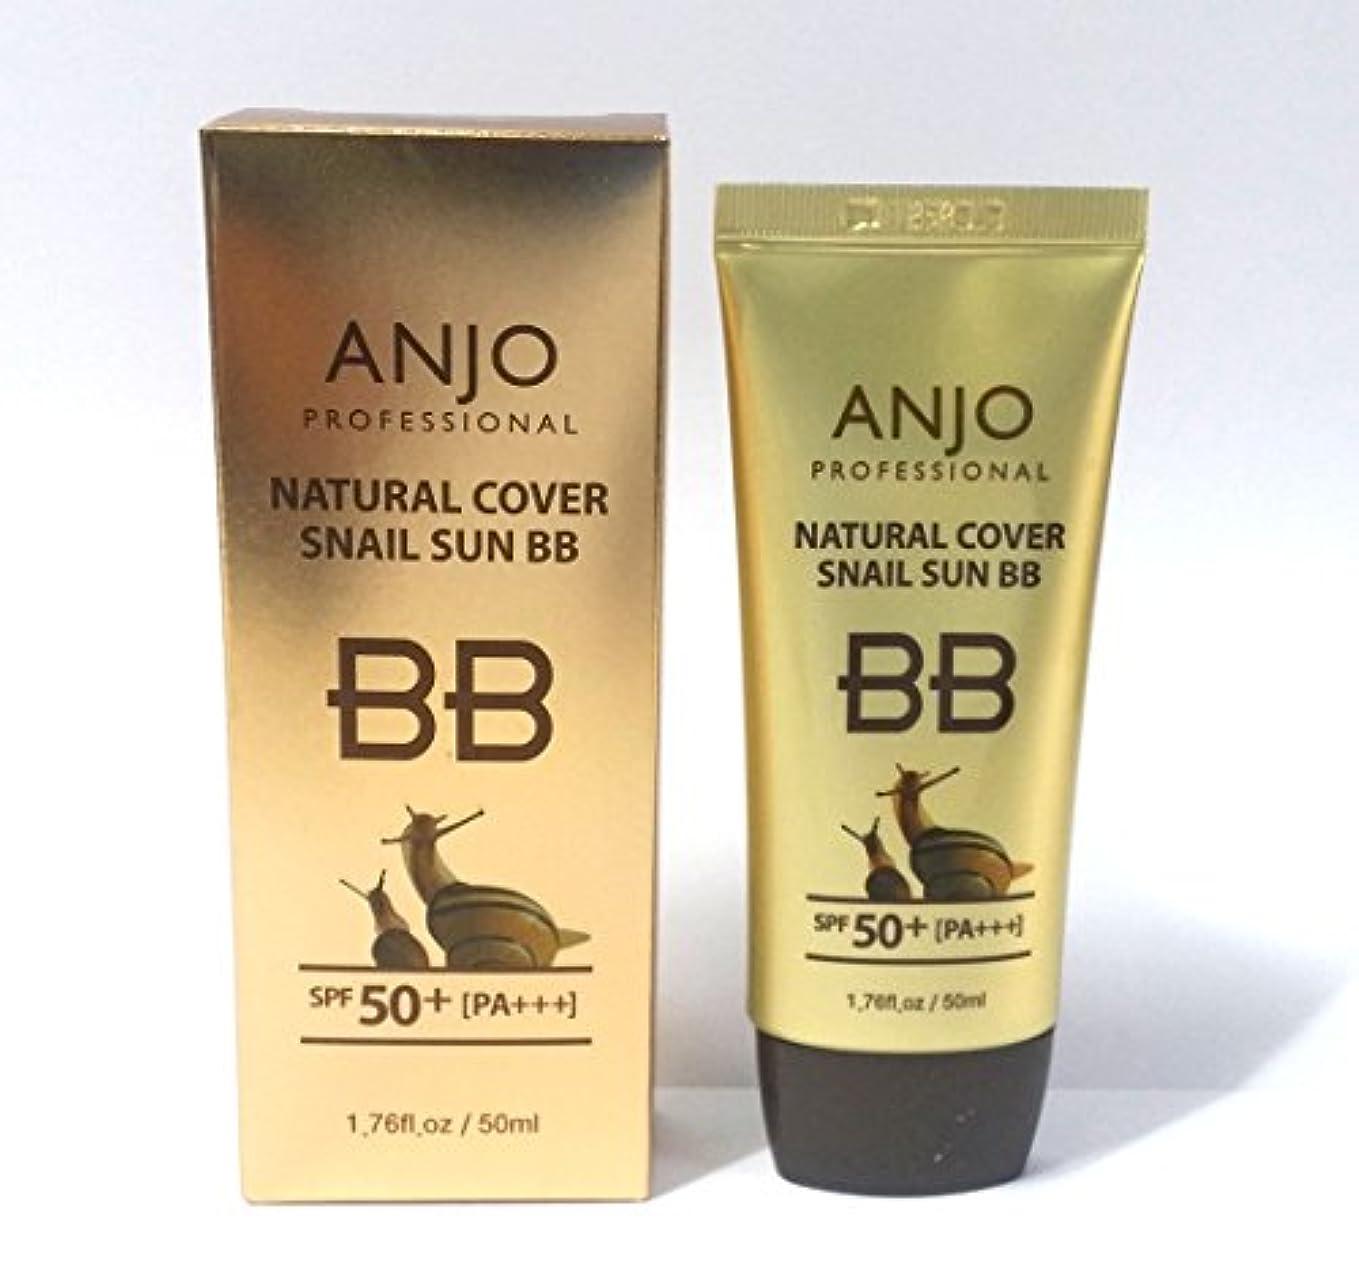 バラ色霜航海の[ANJO] ナチュラルカバーカタツムリサンBBクリームSPF 50 + PA +++ 50ml X 6EA /メイクアップベース/カタツムリ粘液 / Natural Cover Snail Sun BB Cream SPF...